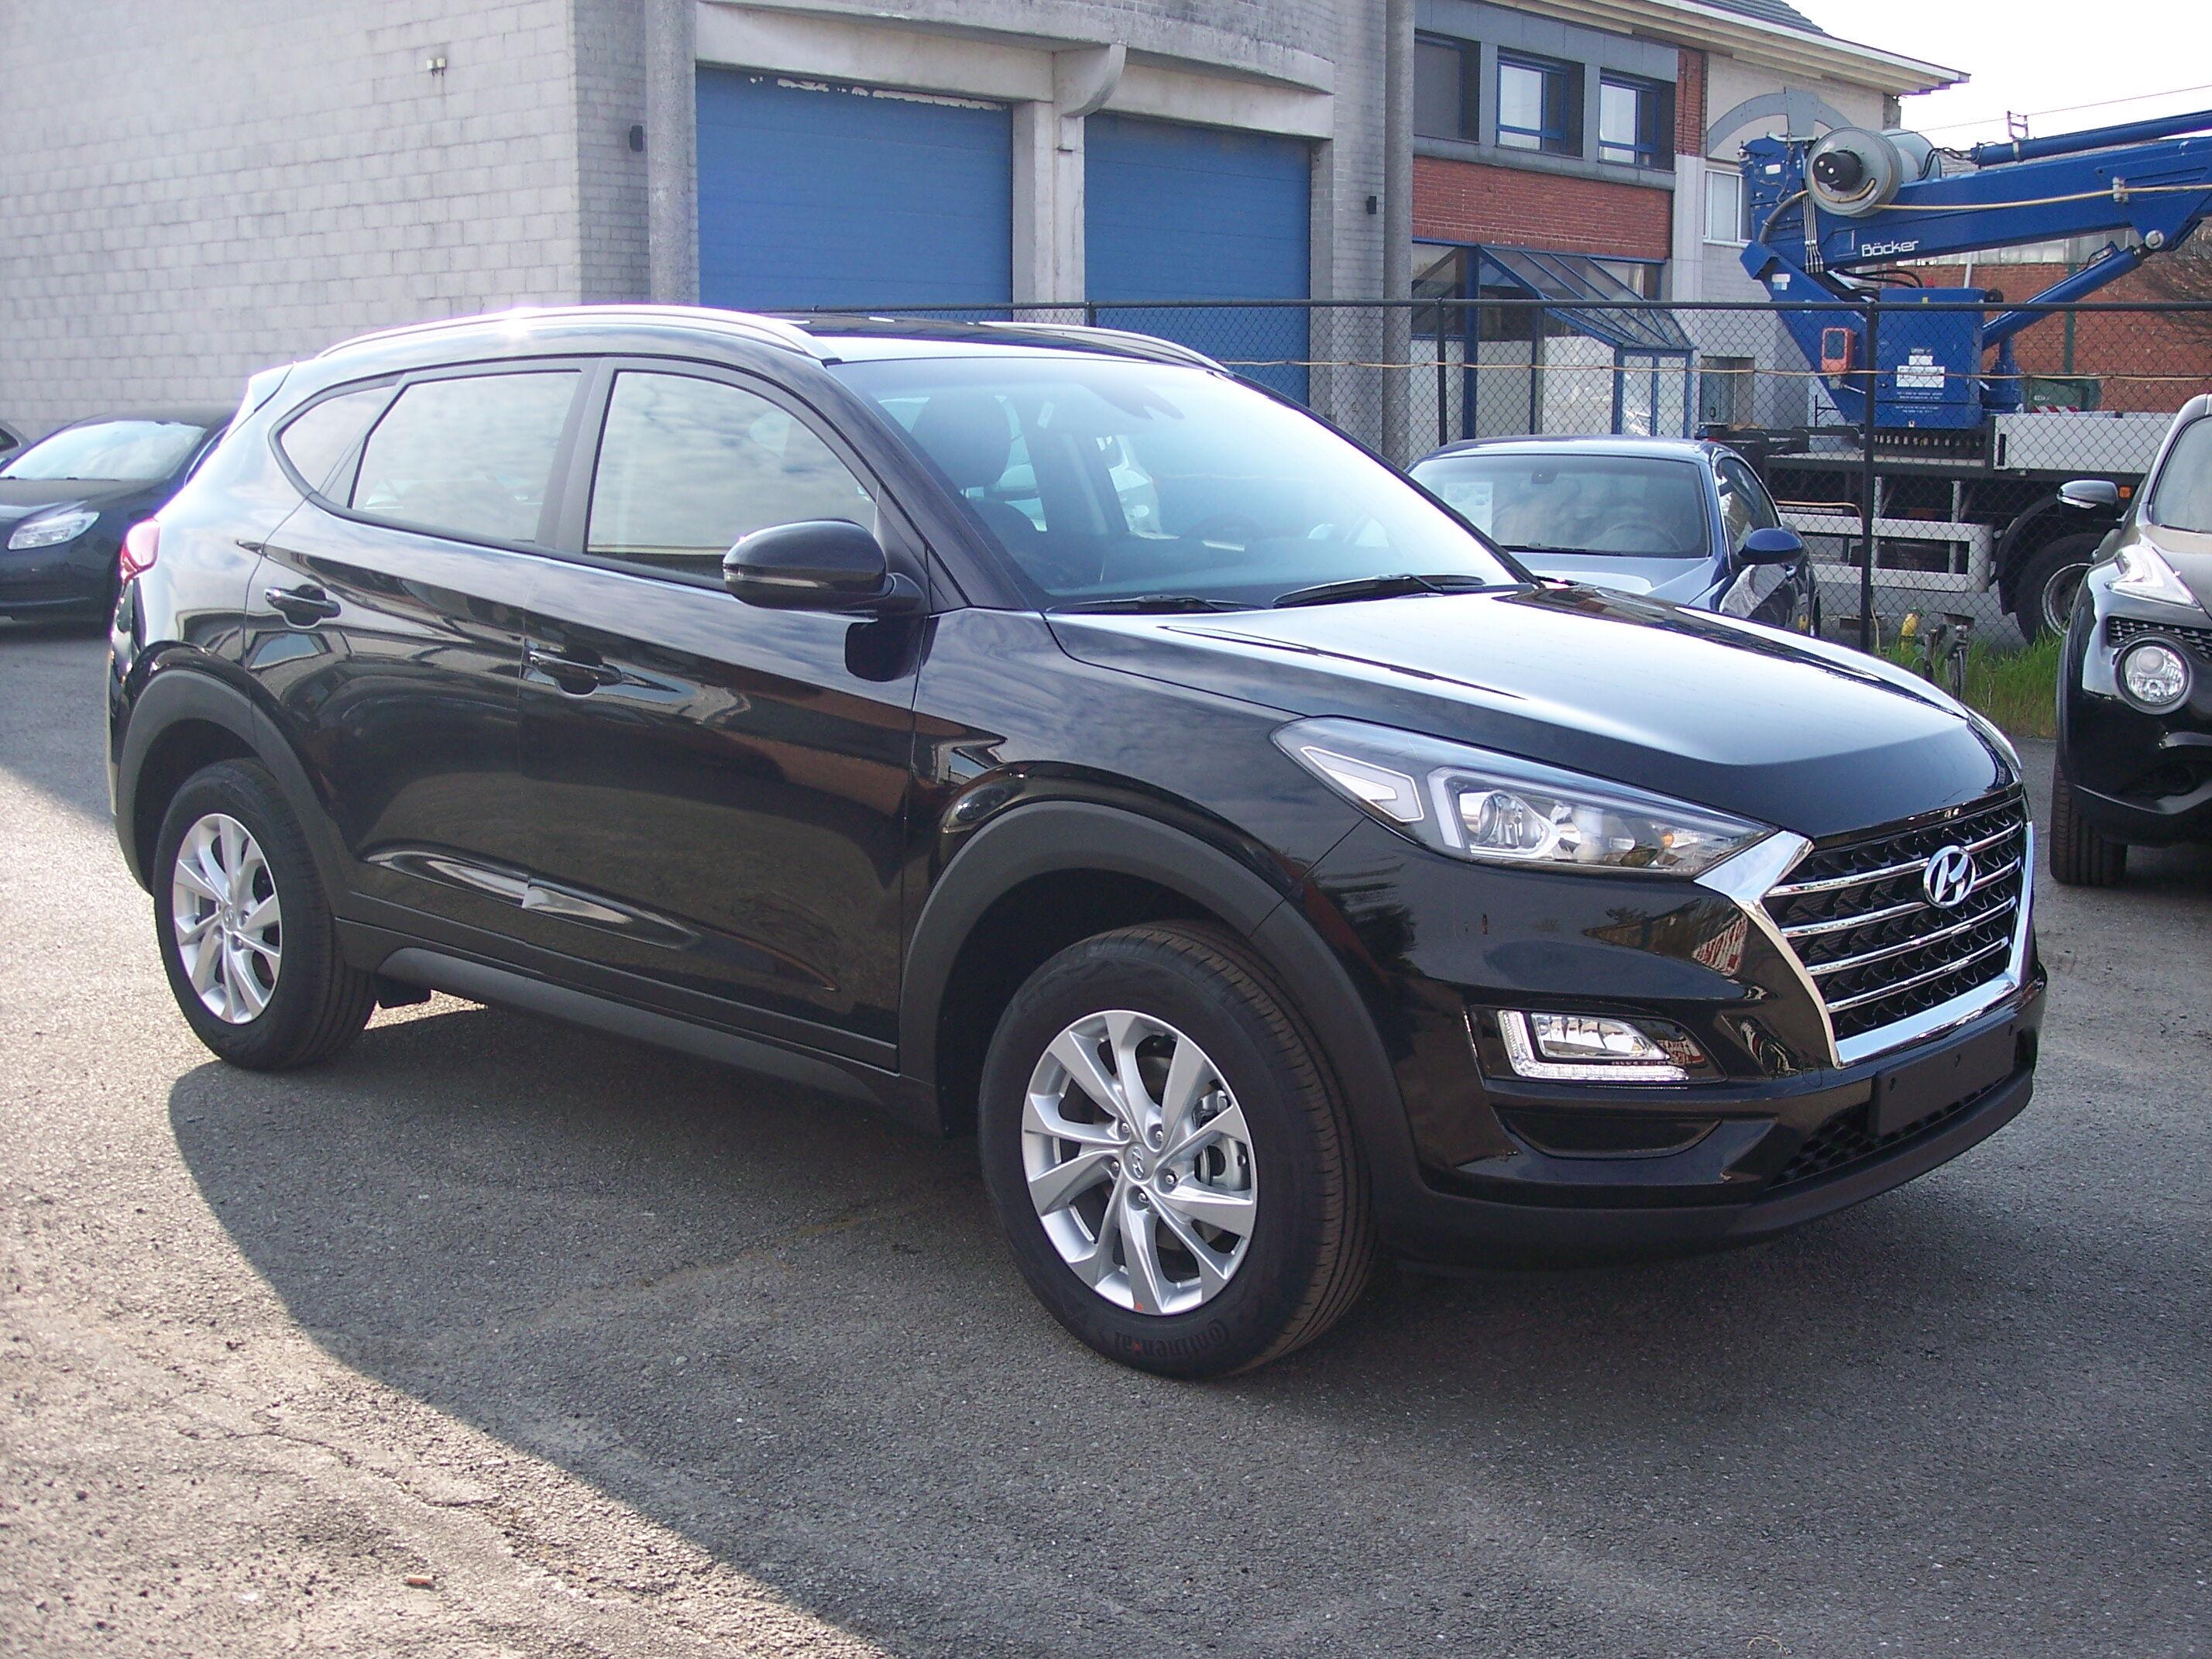 Hyundai Tuson NEW TUCSON 1.6 GDI ISG 3/19